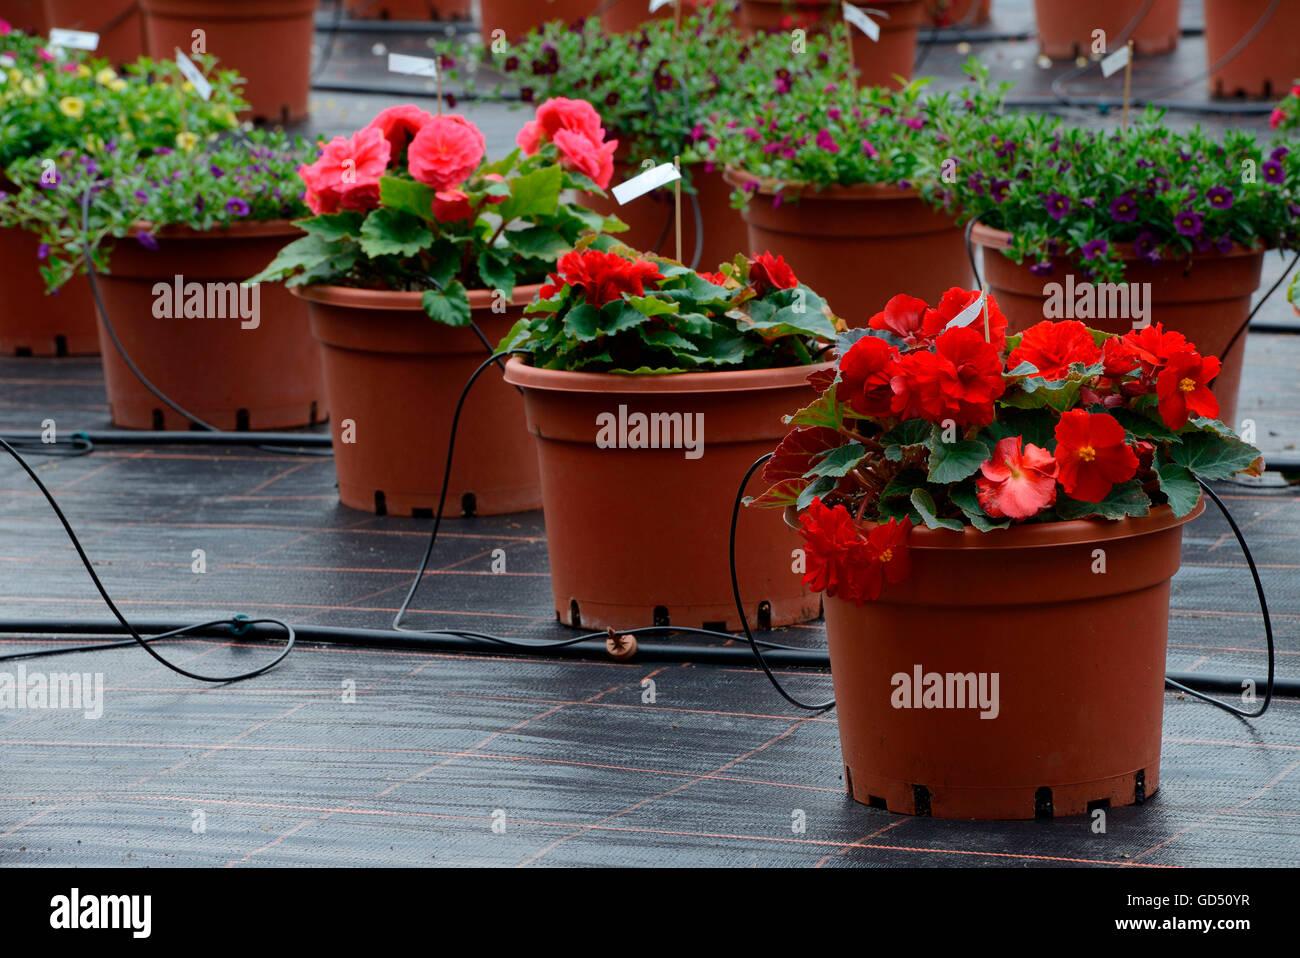 Begonie, Begonien, automatische Bewaesserung von Kuebelpflanzen in Gaertnerei - Stock Image